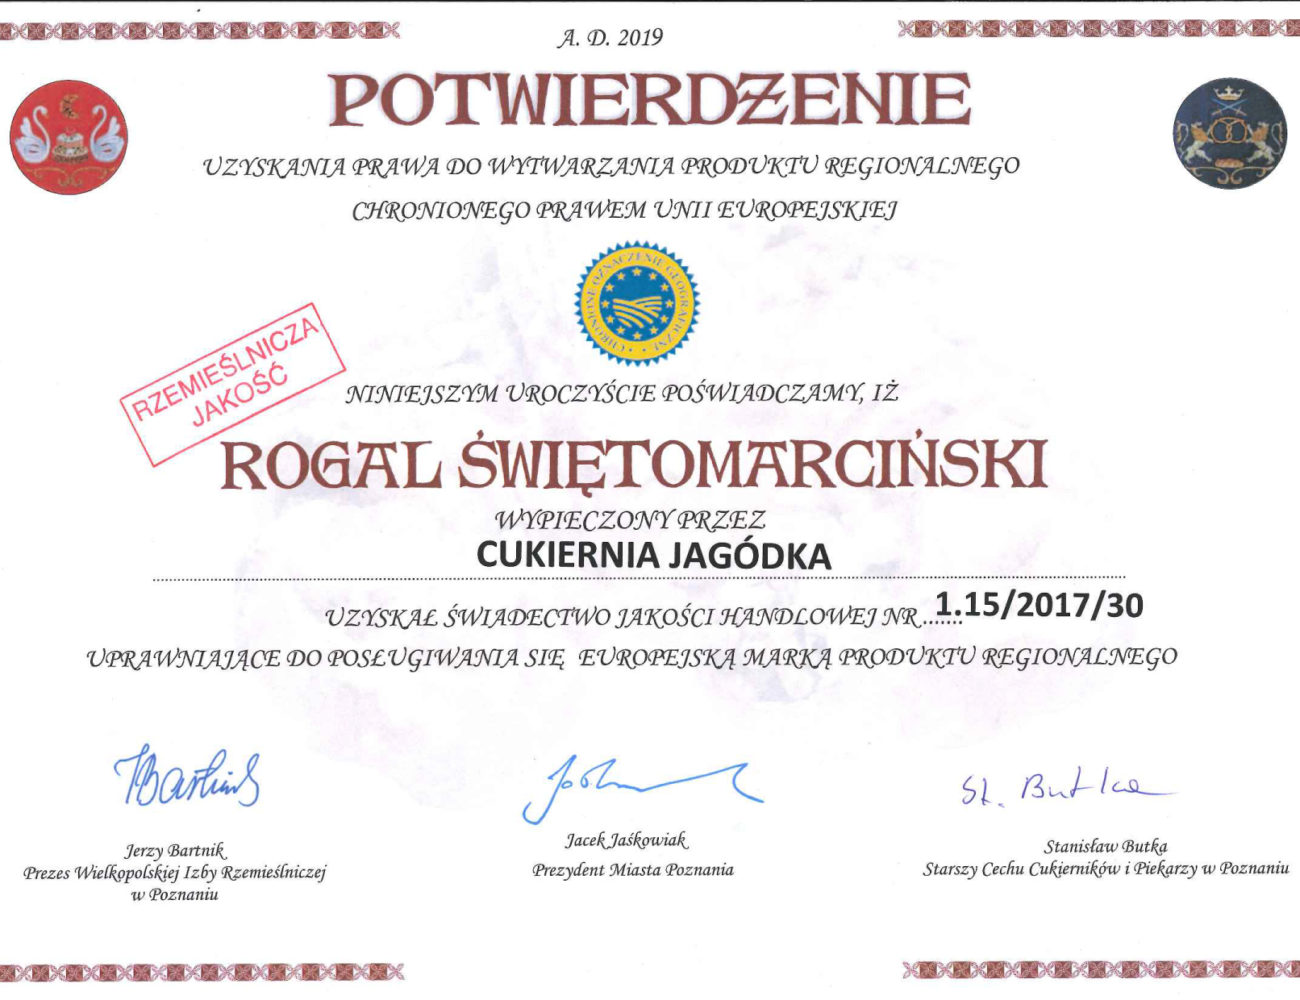 Certyfikat Rogale 2019-01